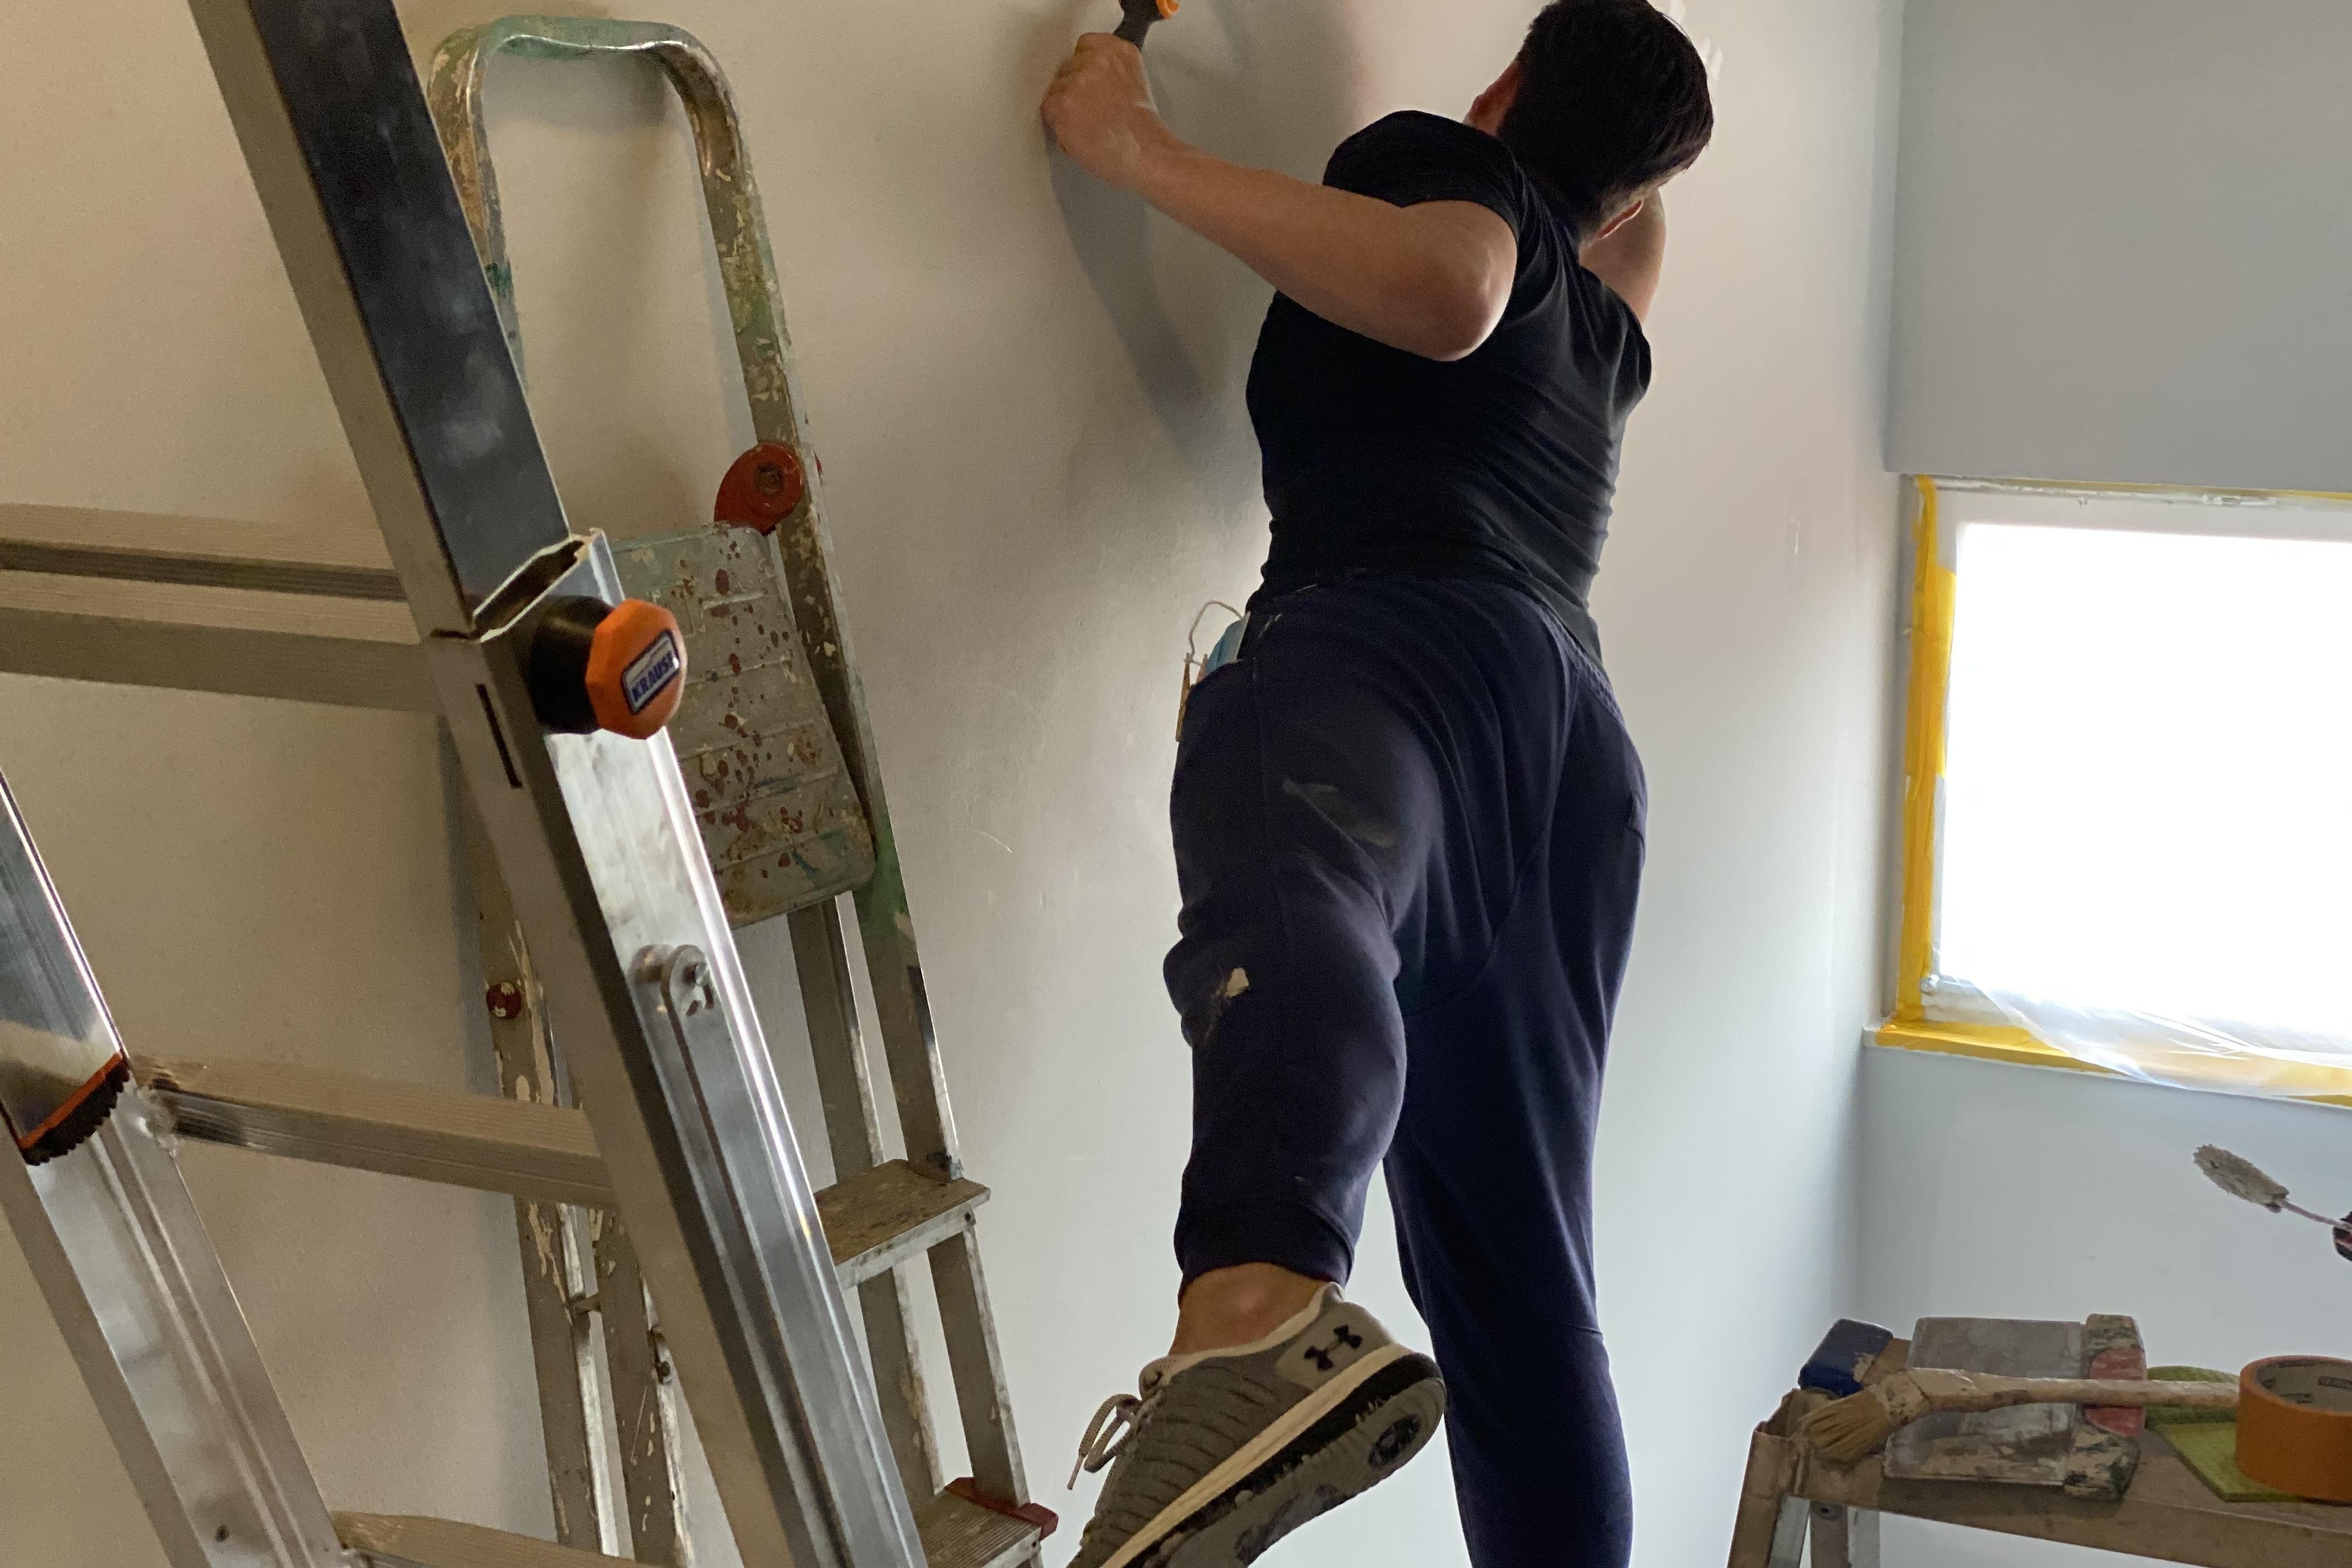 Aktionstag Münchner Unternehmen Des mach ma: Mitarbeiter von Collaboration Factory streichen ein 5-stöckiges Treppenhaus einer Unterkunft für geflüchtete Menschen der Einrichtung Bellevue Di Monaco.